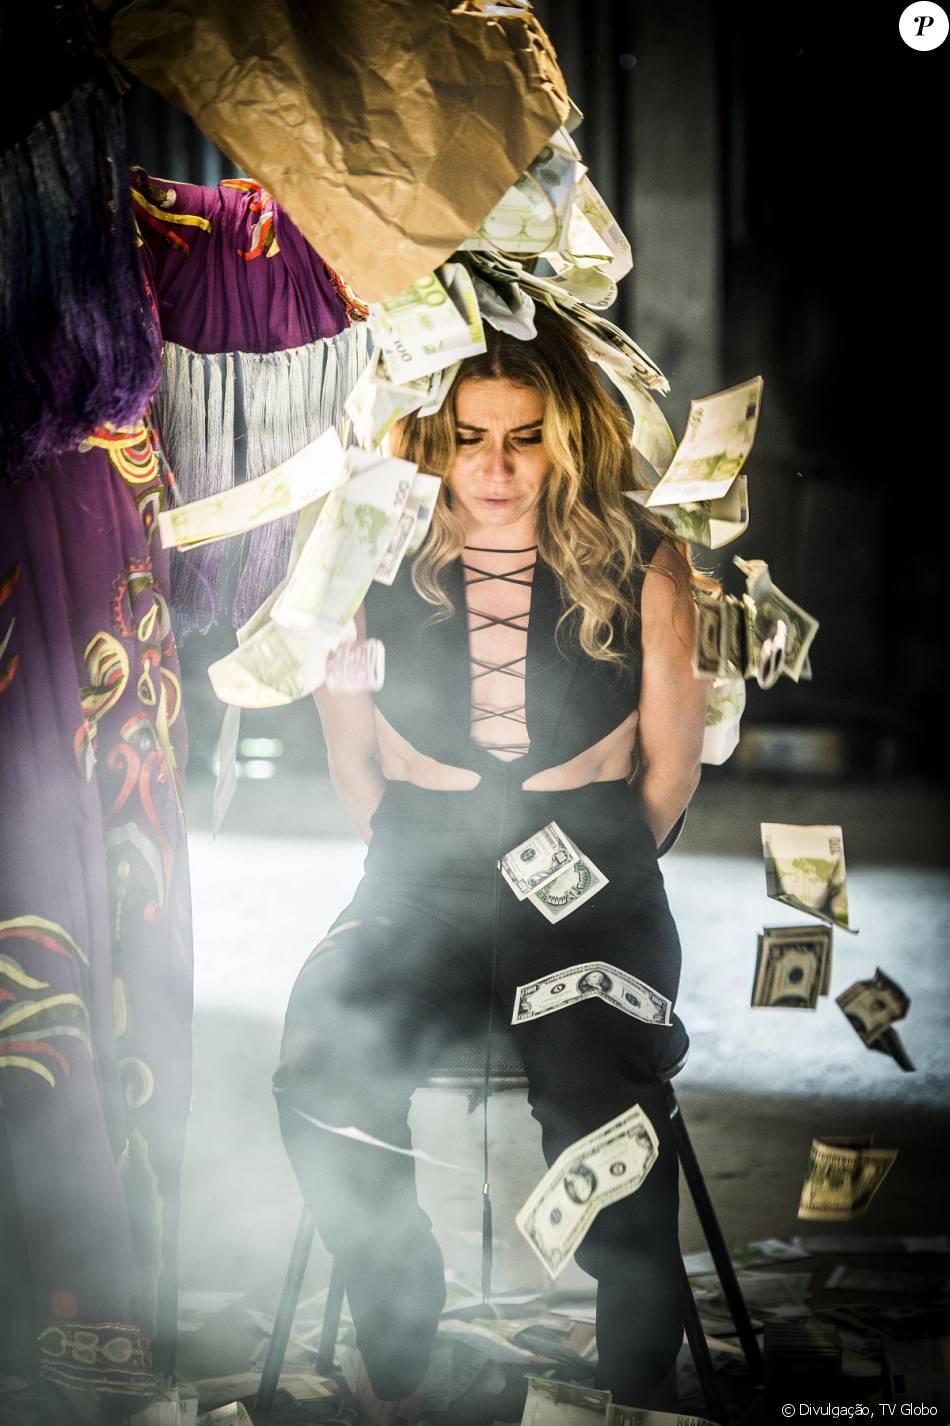 Atena (Giovanna Antonelli) é saqueada e torturada por Victor (João Baldasserini), Sumara (Karine Teles) e suas outras vítimas, na novela 'A Regra do Jogo', em 26 de janeiro de 2016